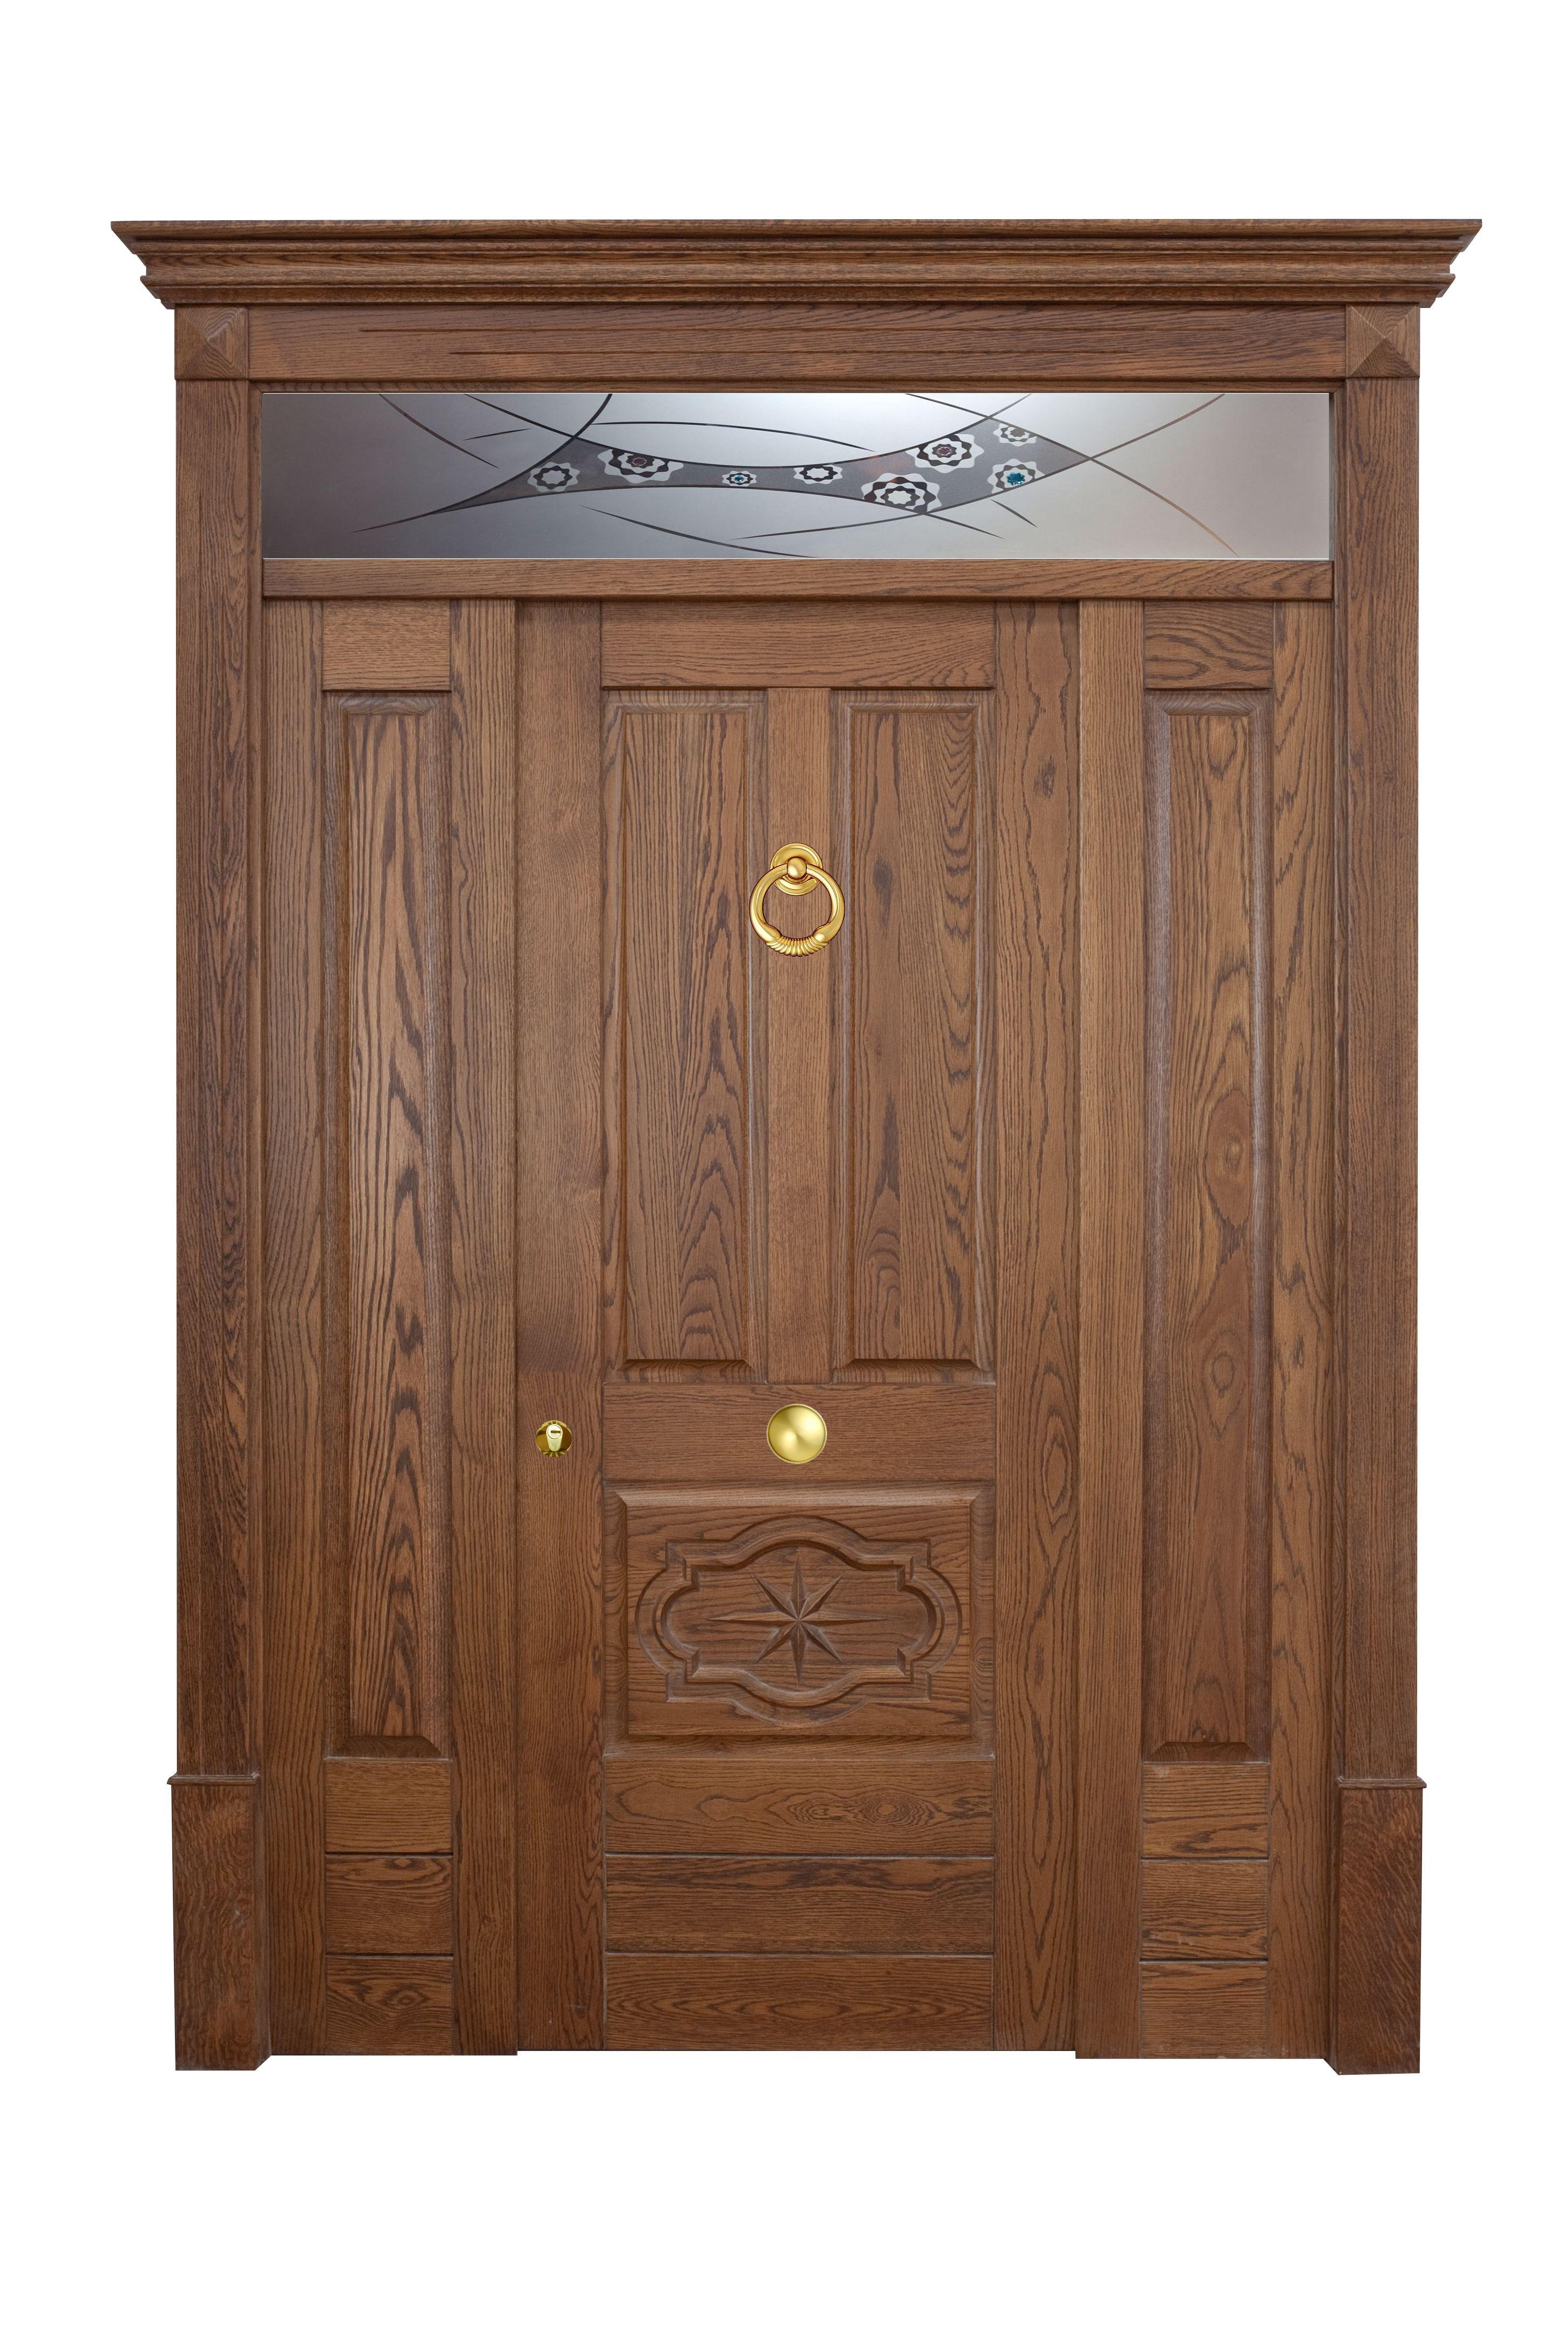 Special Entrance Doors In Massive Wooden For Luxury Houses Door Design Luxury Homes Main Door